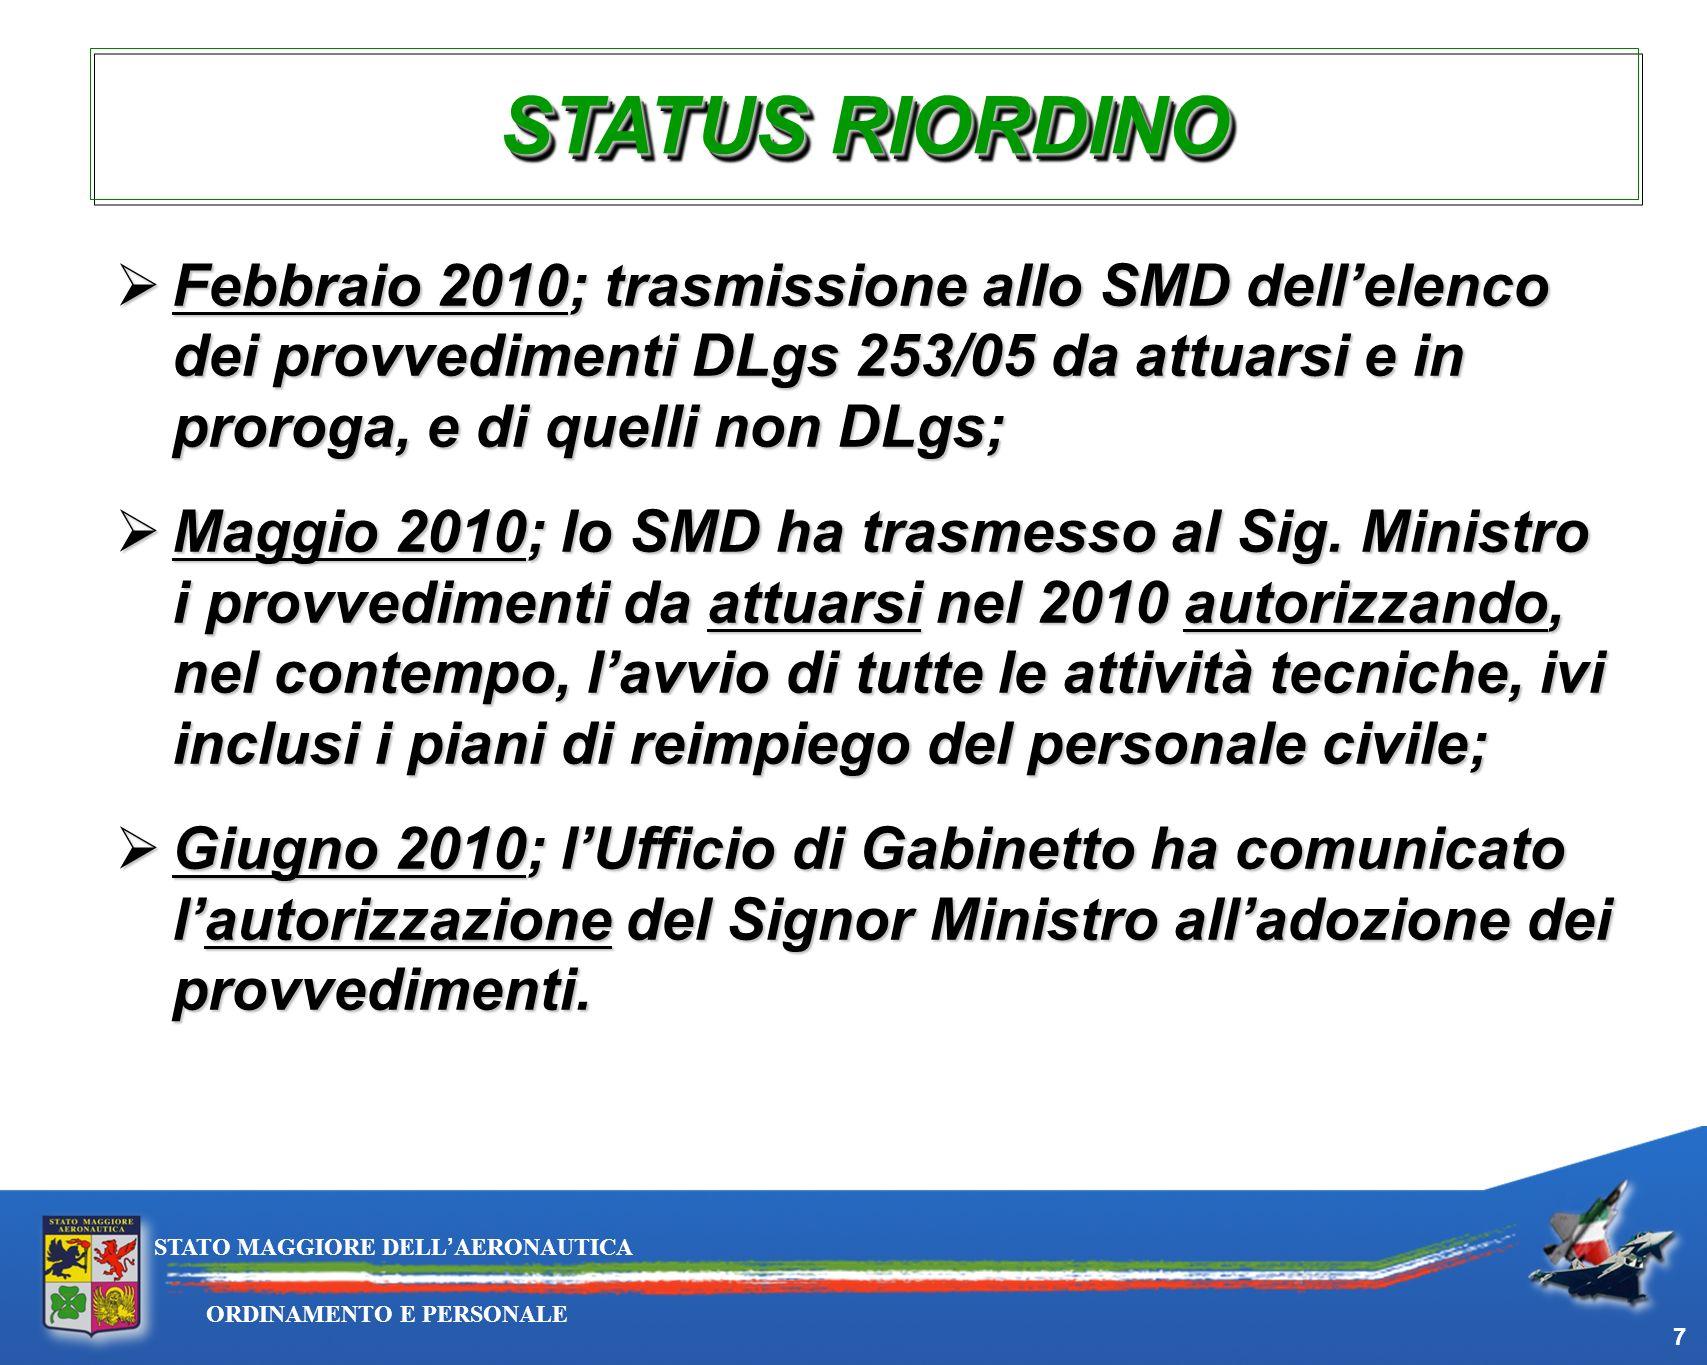 8 ORDINAMENTO E PERSONALE STATO MAGGIORE DELLAERONAUTICA Provvedimenti D.Lgs 253/05 in proroga EntePROV.TONOTE 11° RMV SIGONELLA Soppressione proroga al 2012.